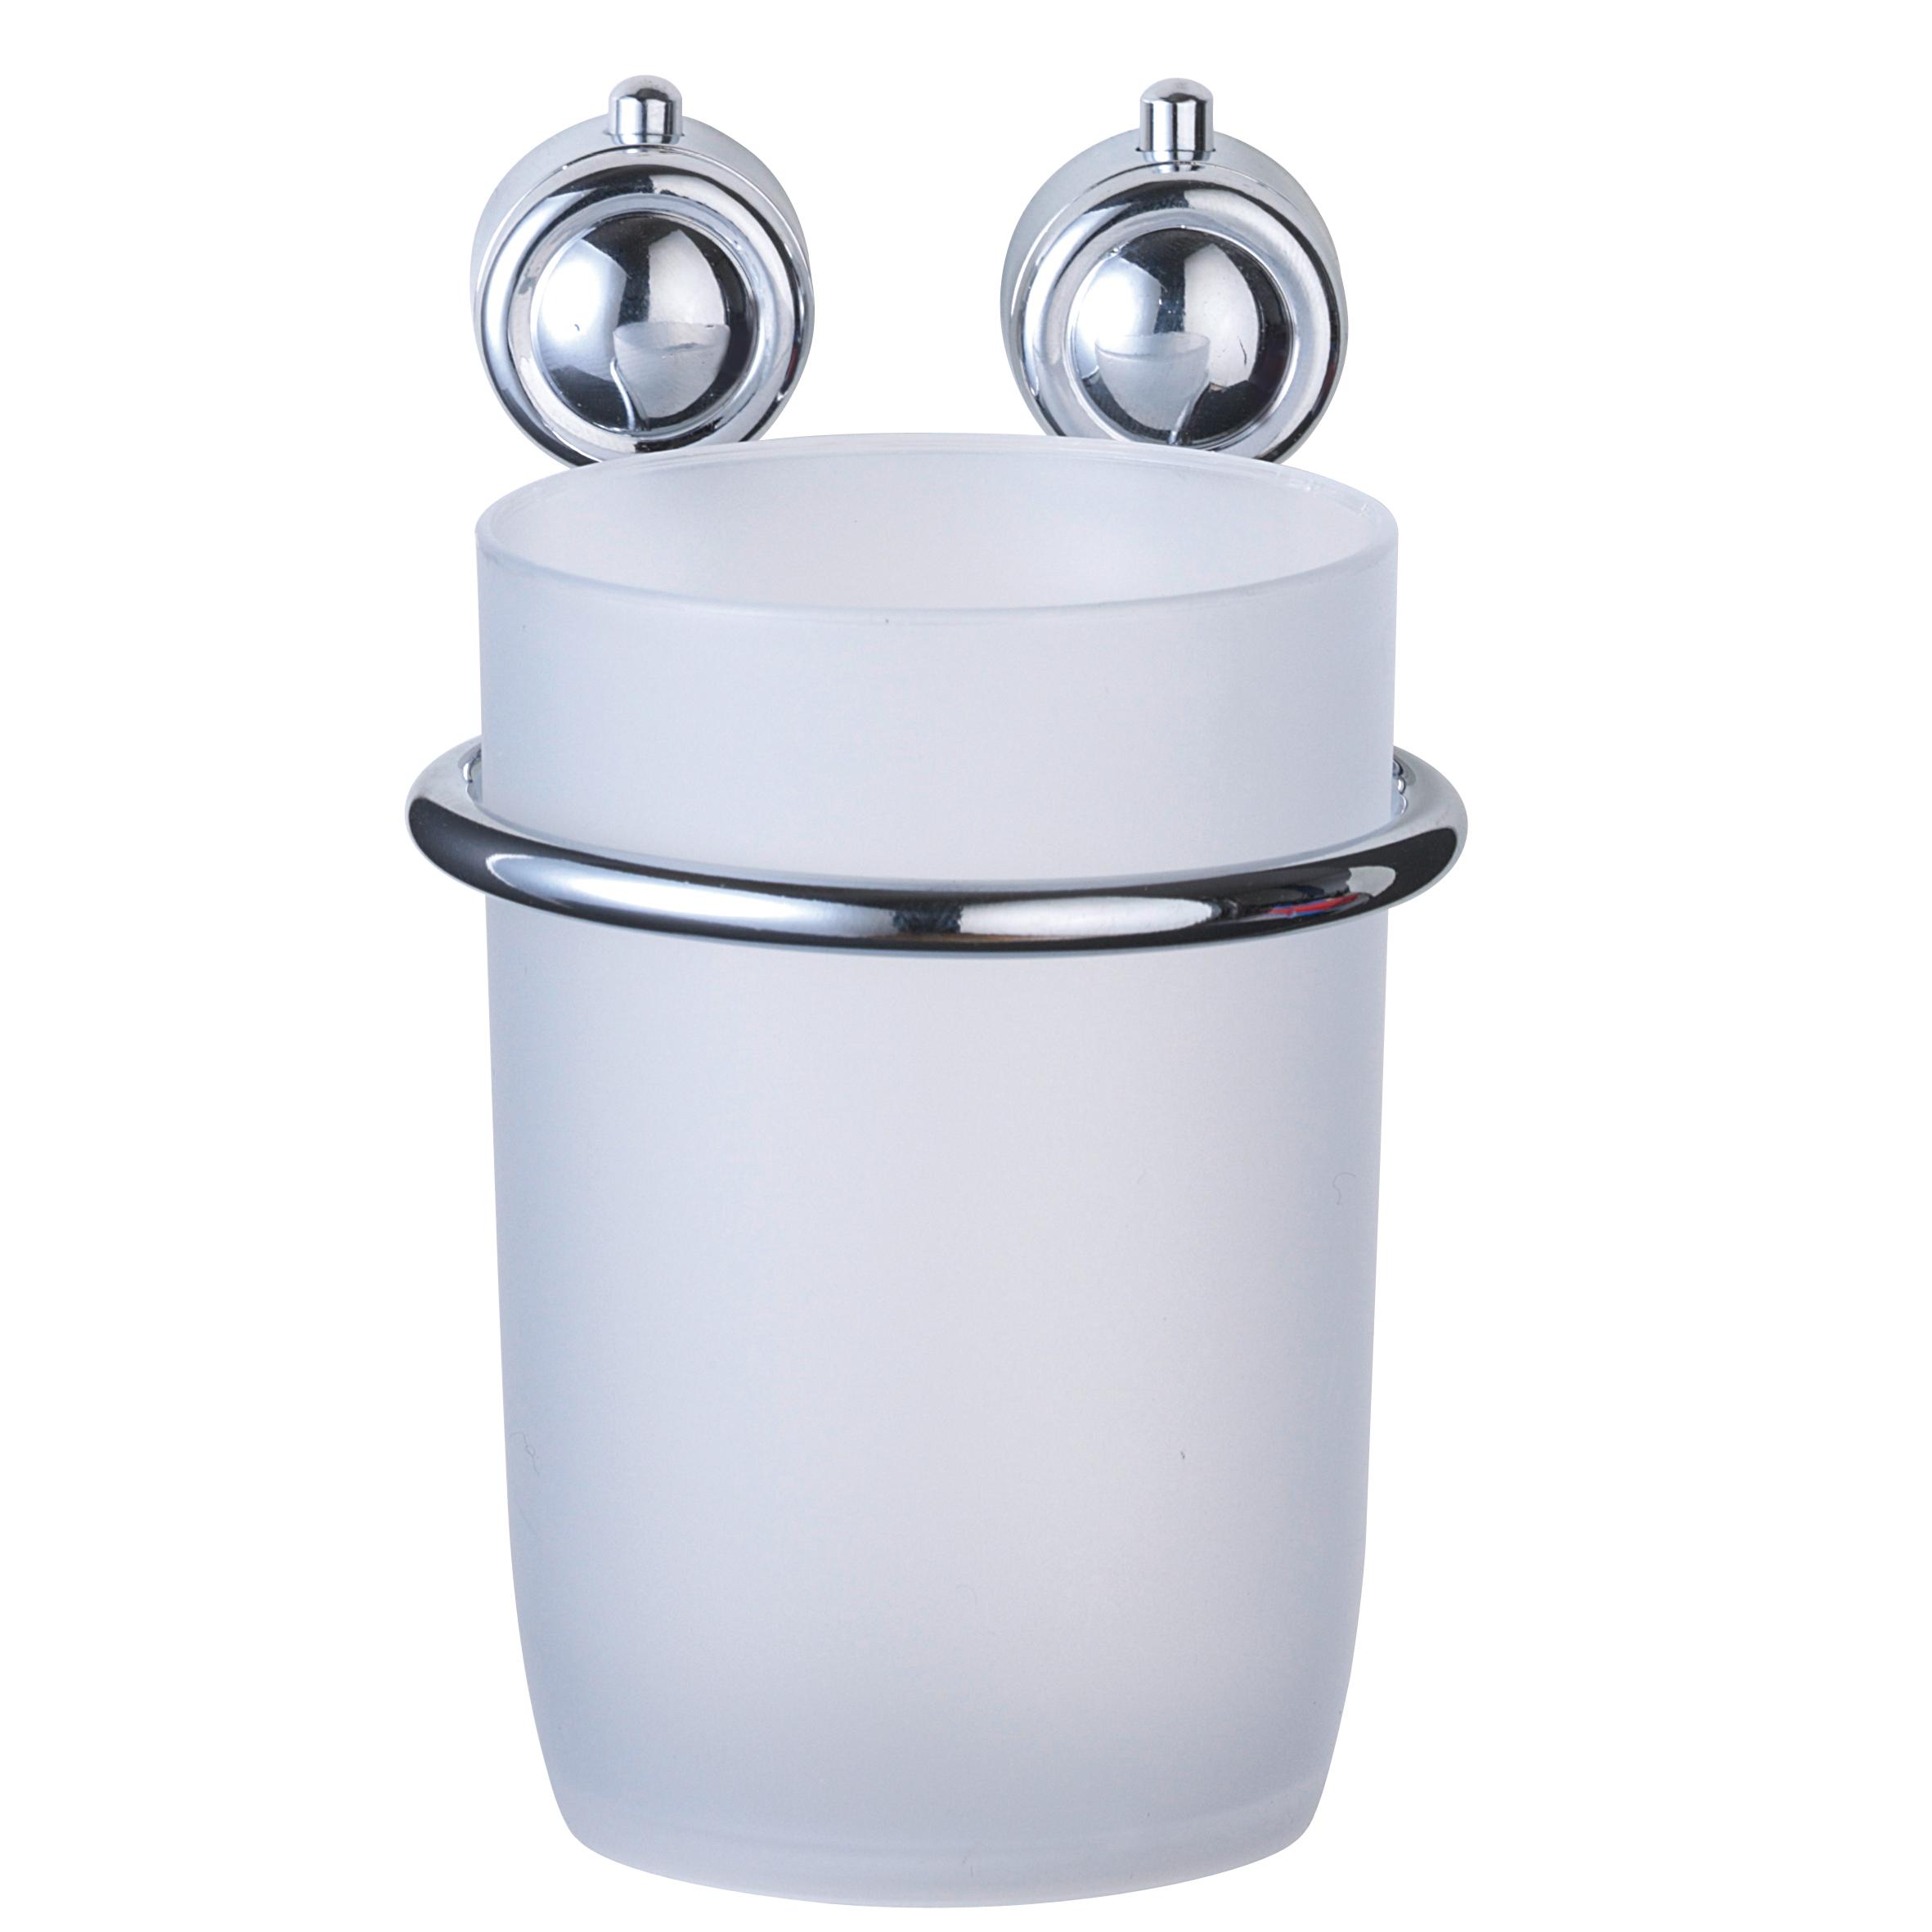 Стакан для ванной комнаты Axentia Atlantik, с держателем280020Стакан для ванной комнаты Axentia Atlantik изготовлен из пластика и высококачественной хромированной стали, устойчивой к высокой влажности. Стакан с настенным держателем отлично подойдет для вашей ванной комнаты. Изделие крепится к стене с помощью шурупов (входят в комплект). Стакан создаст особую атмосферу уюта и максимального комфорта в ванной.